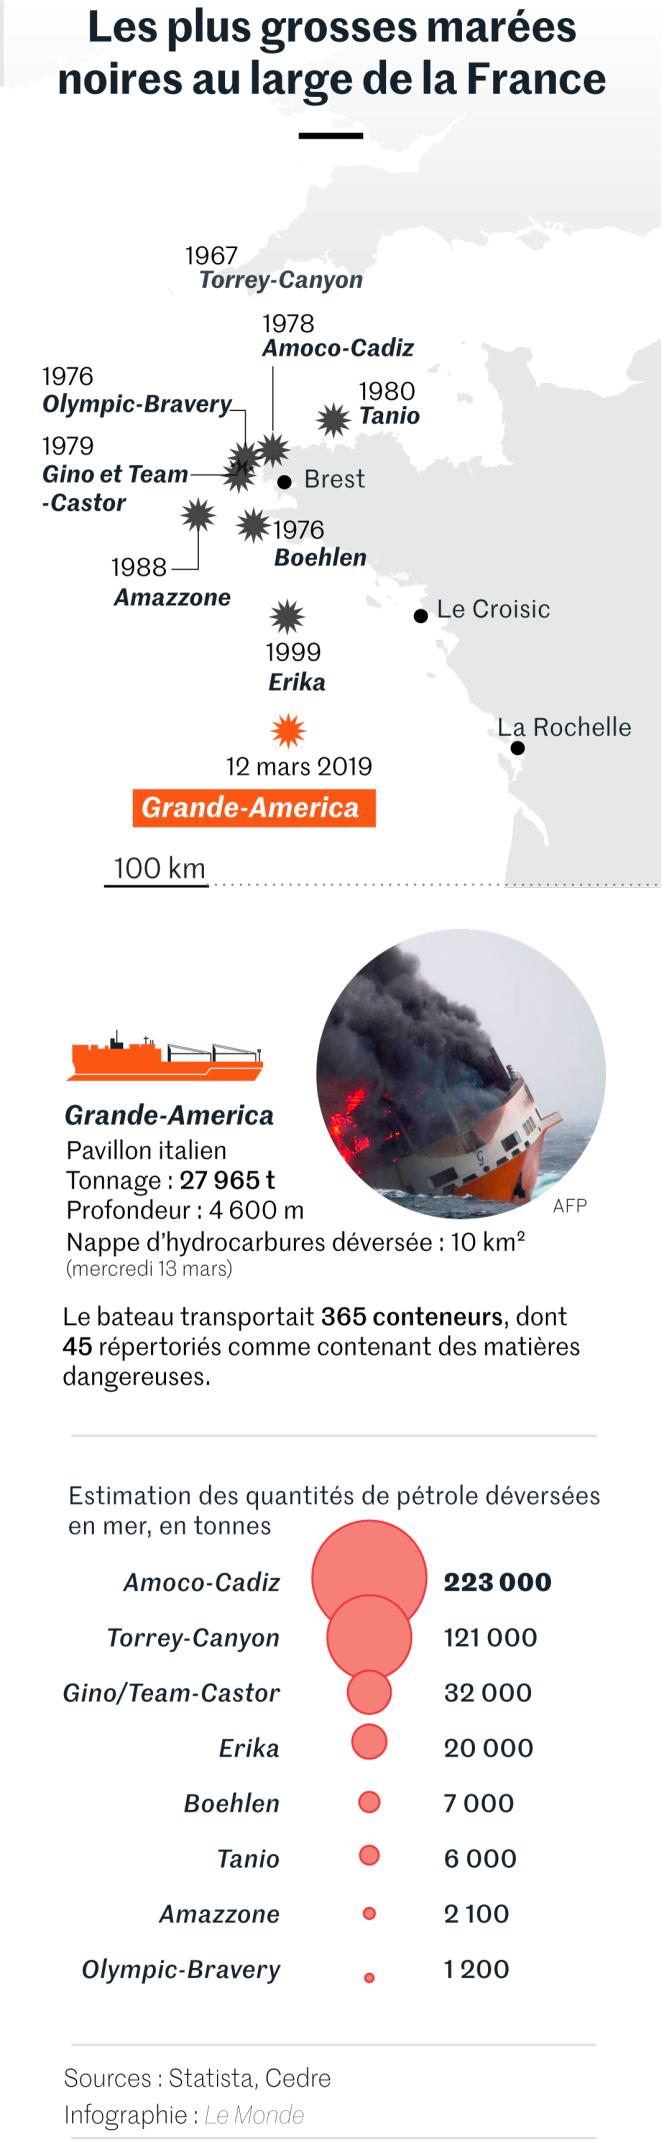 Les plus grosses marées noires au large de la France.